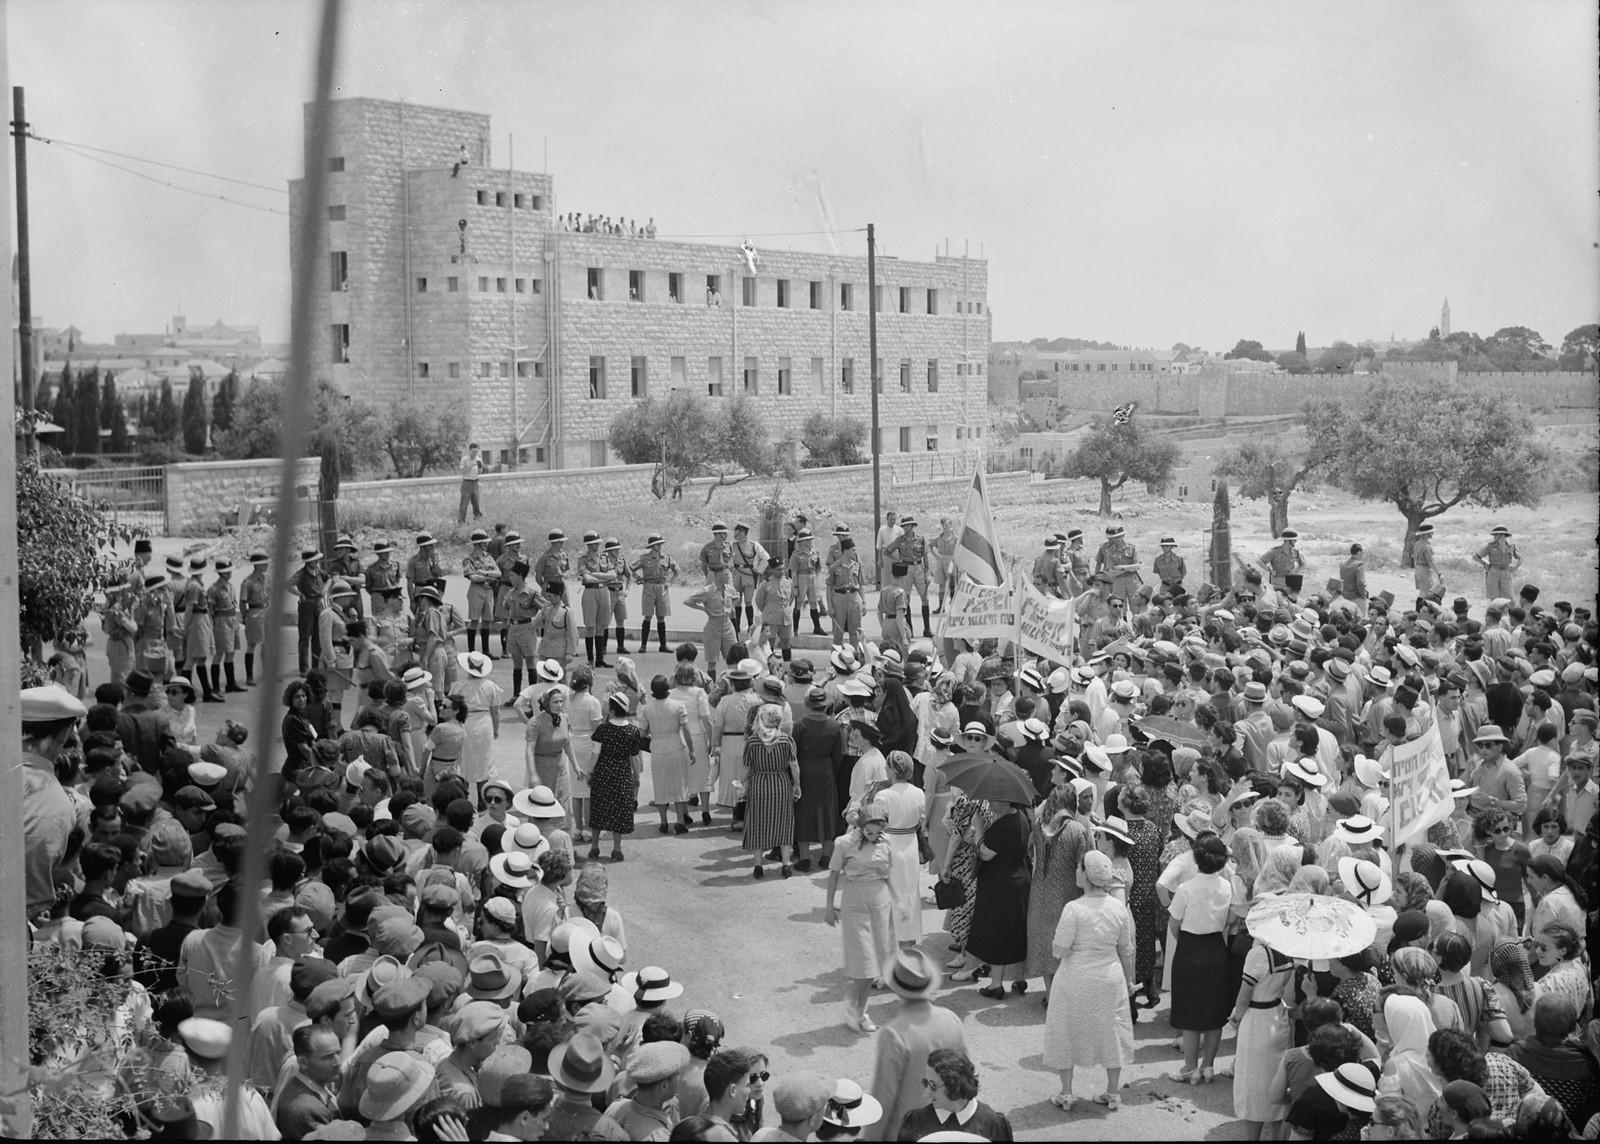 14. Демонстрация, приближающаяся к отелю King David, остановлена кордоном полиции